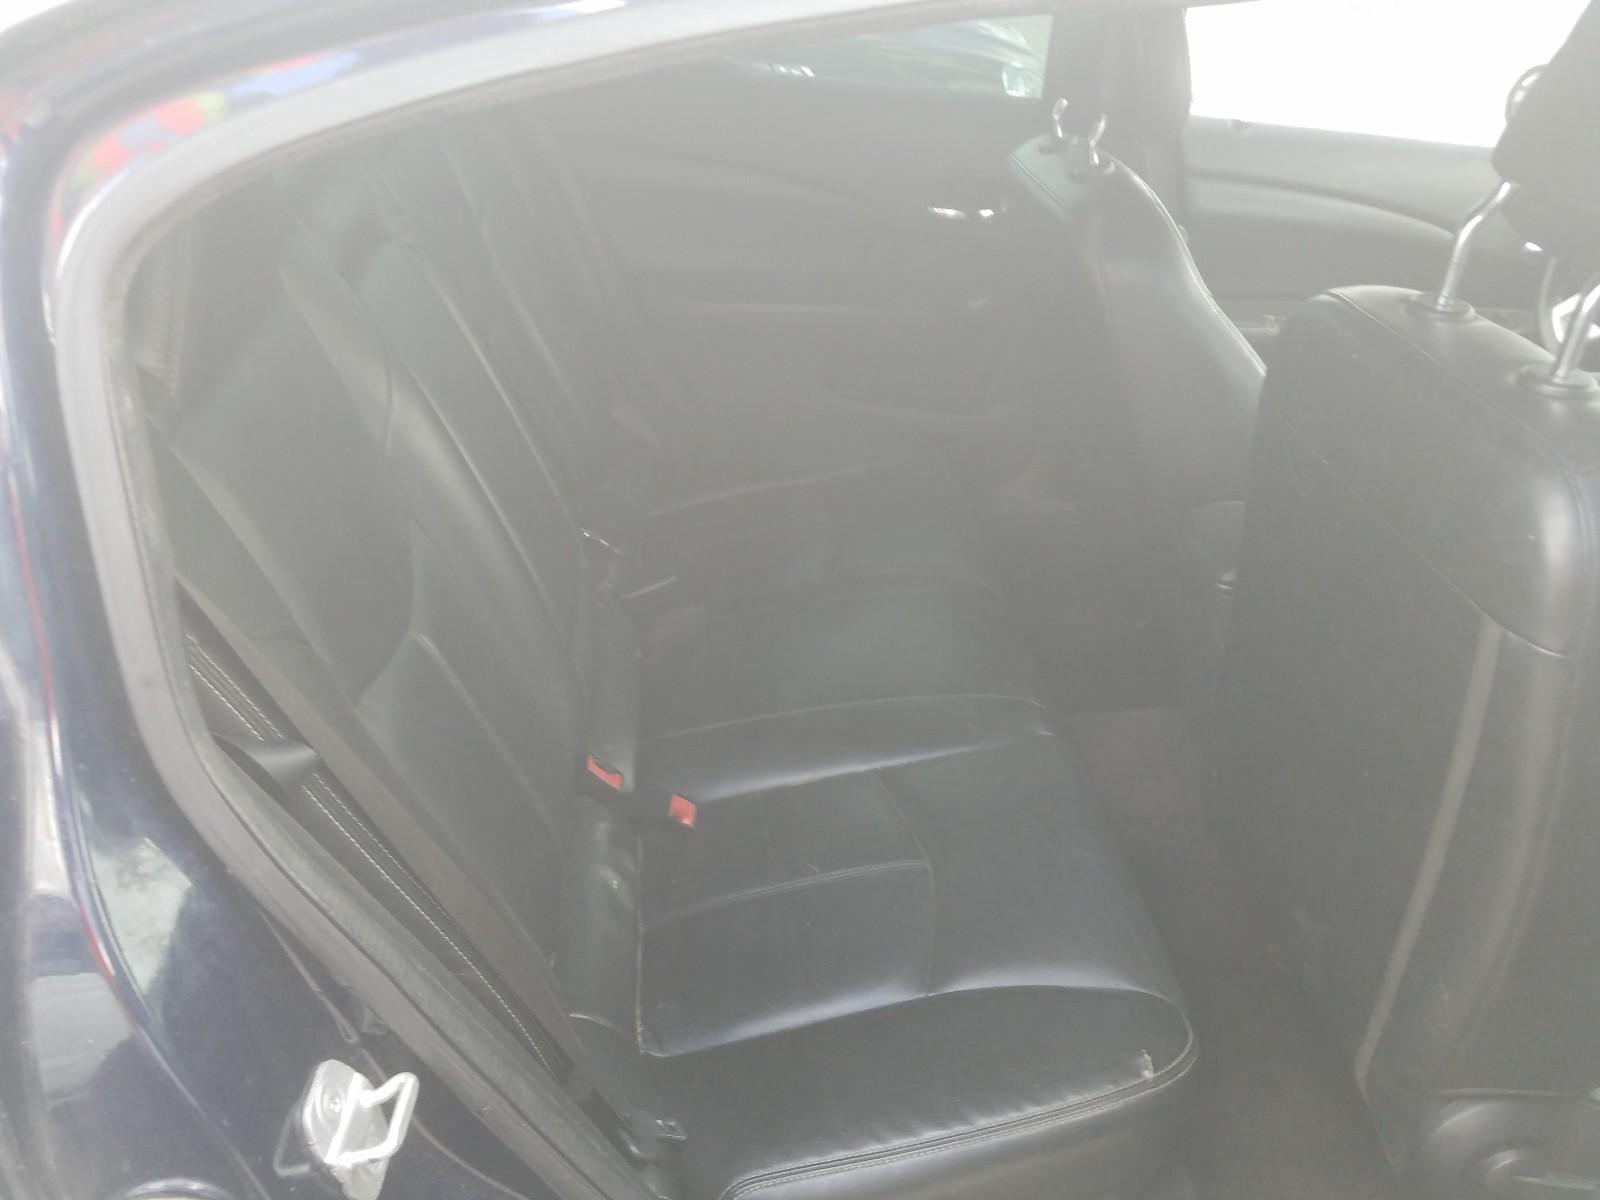 1C3CDZCB4DN693221 - 2013 Dodge Avenger Sx 2.4L detail view